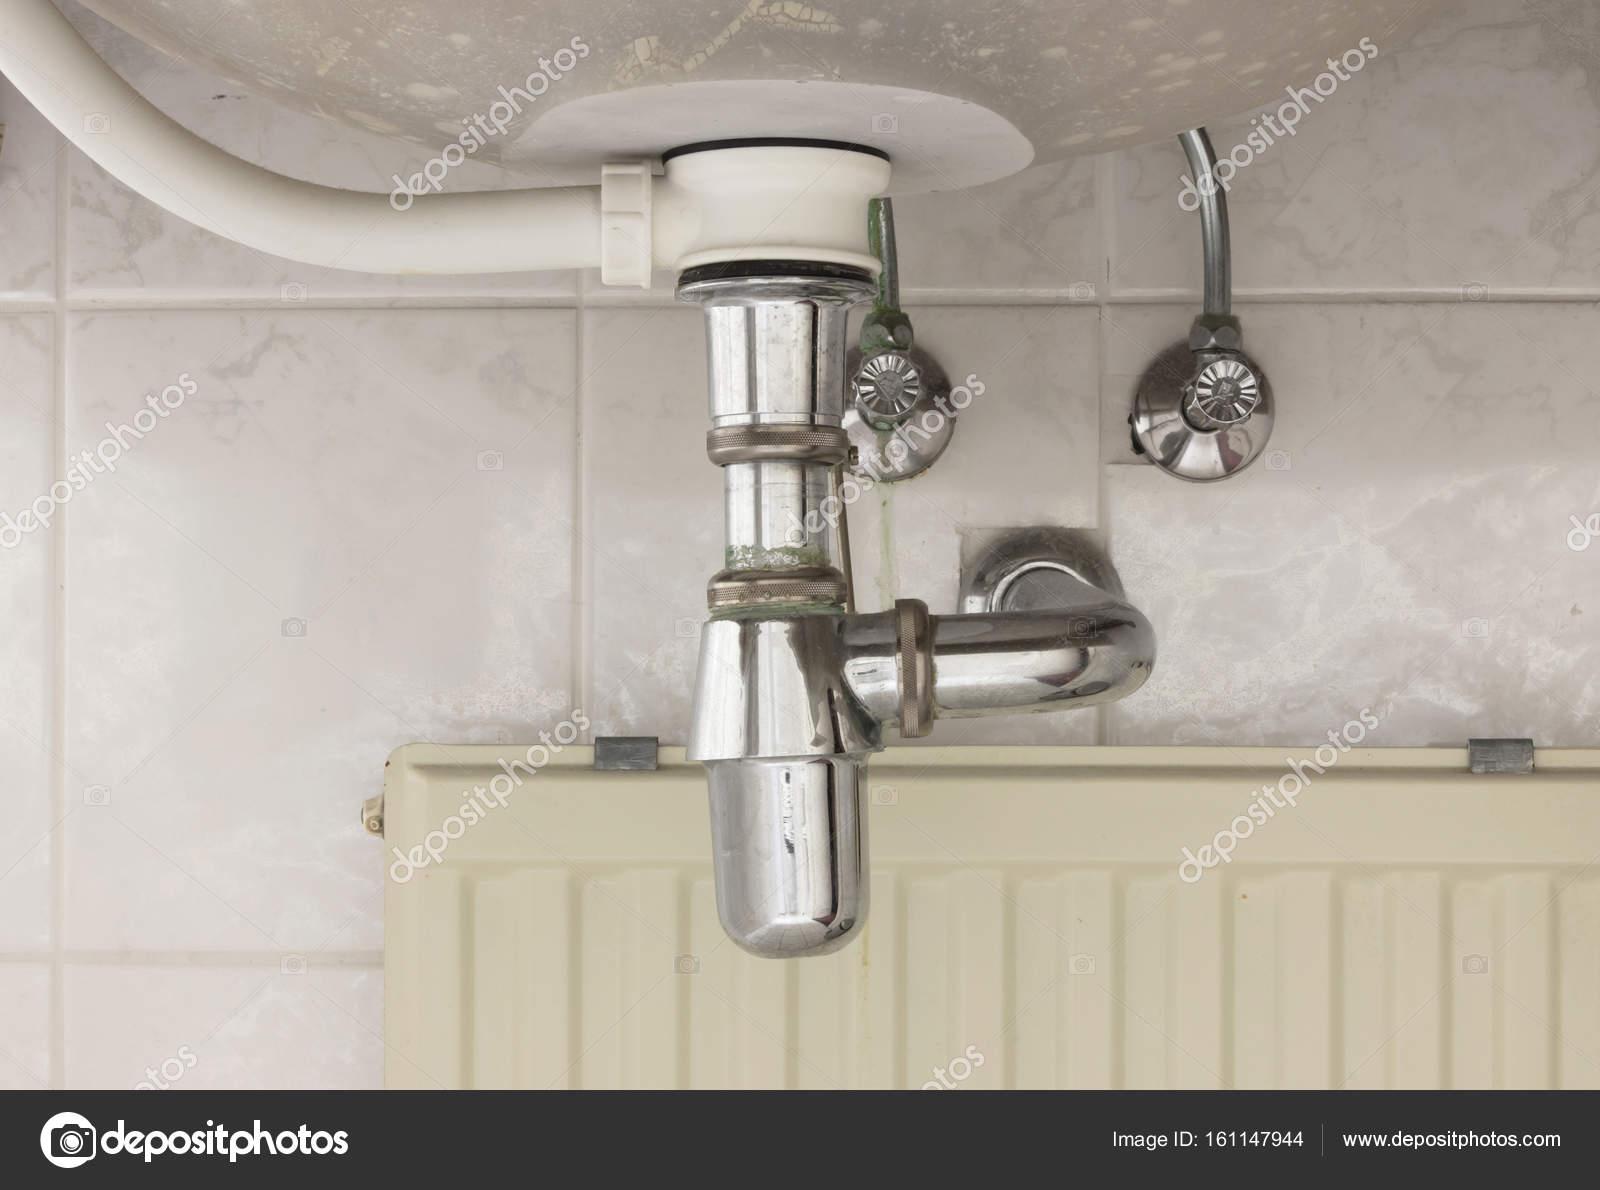 Afvoer Wasbak Badkamer : Slide jpg afvoer schoonmaken verstopping voorkomen afvoer douche